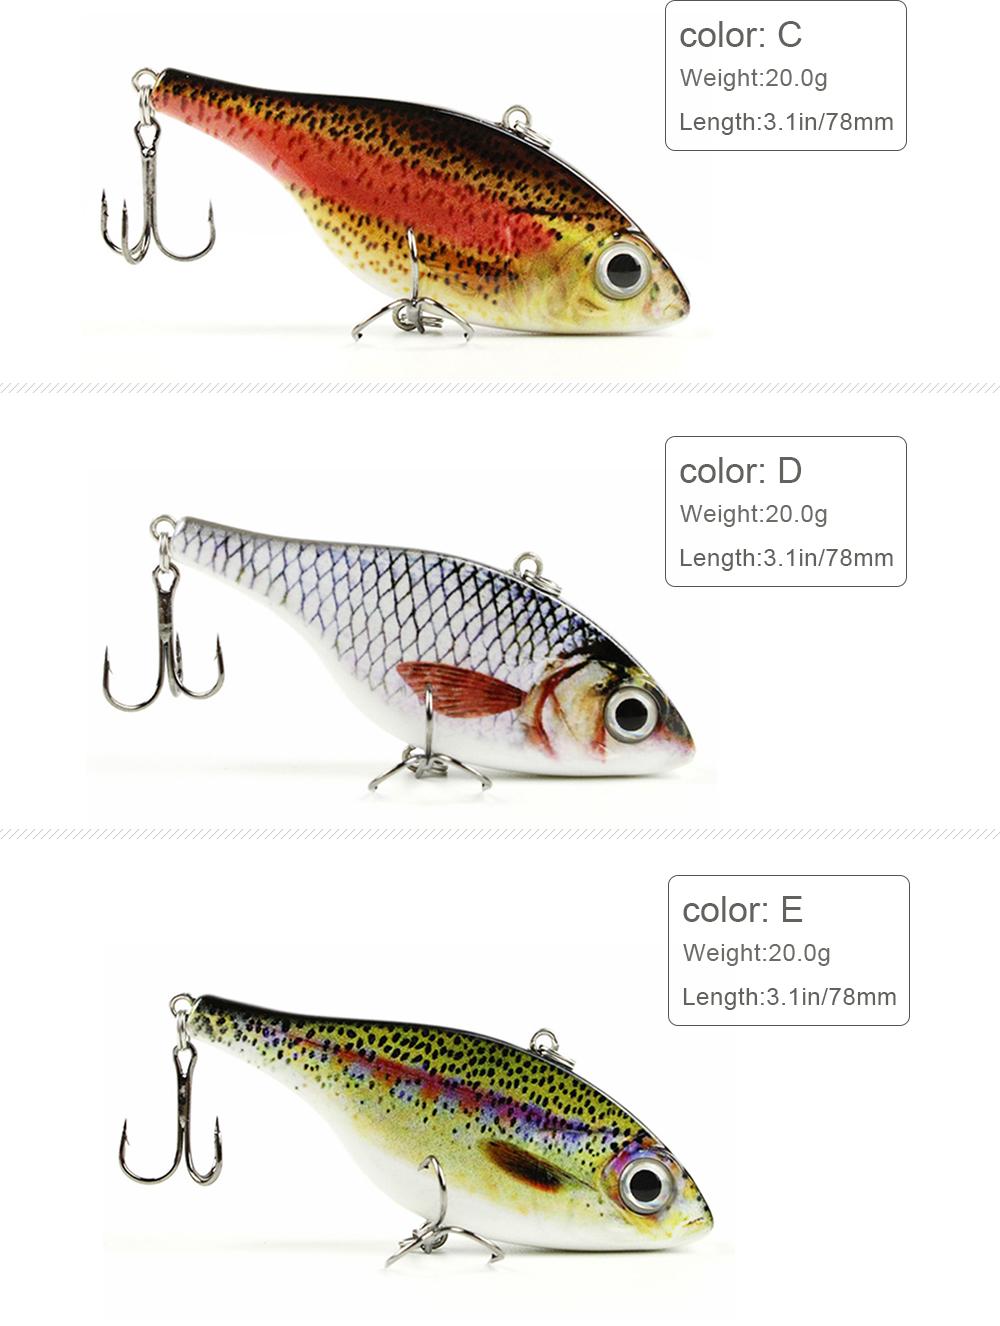 Vib fishing lure_03